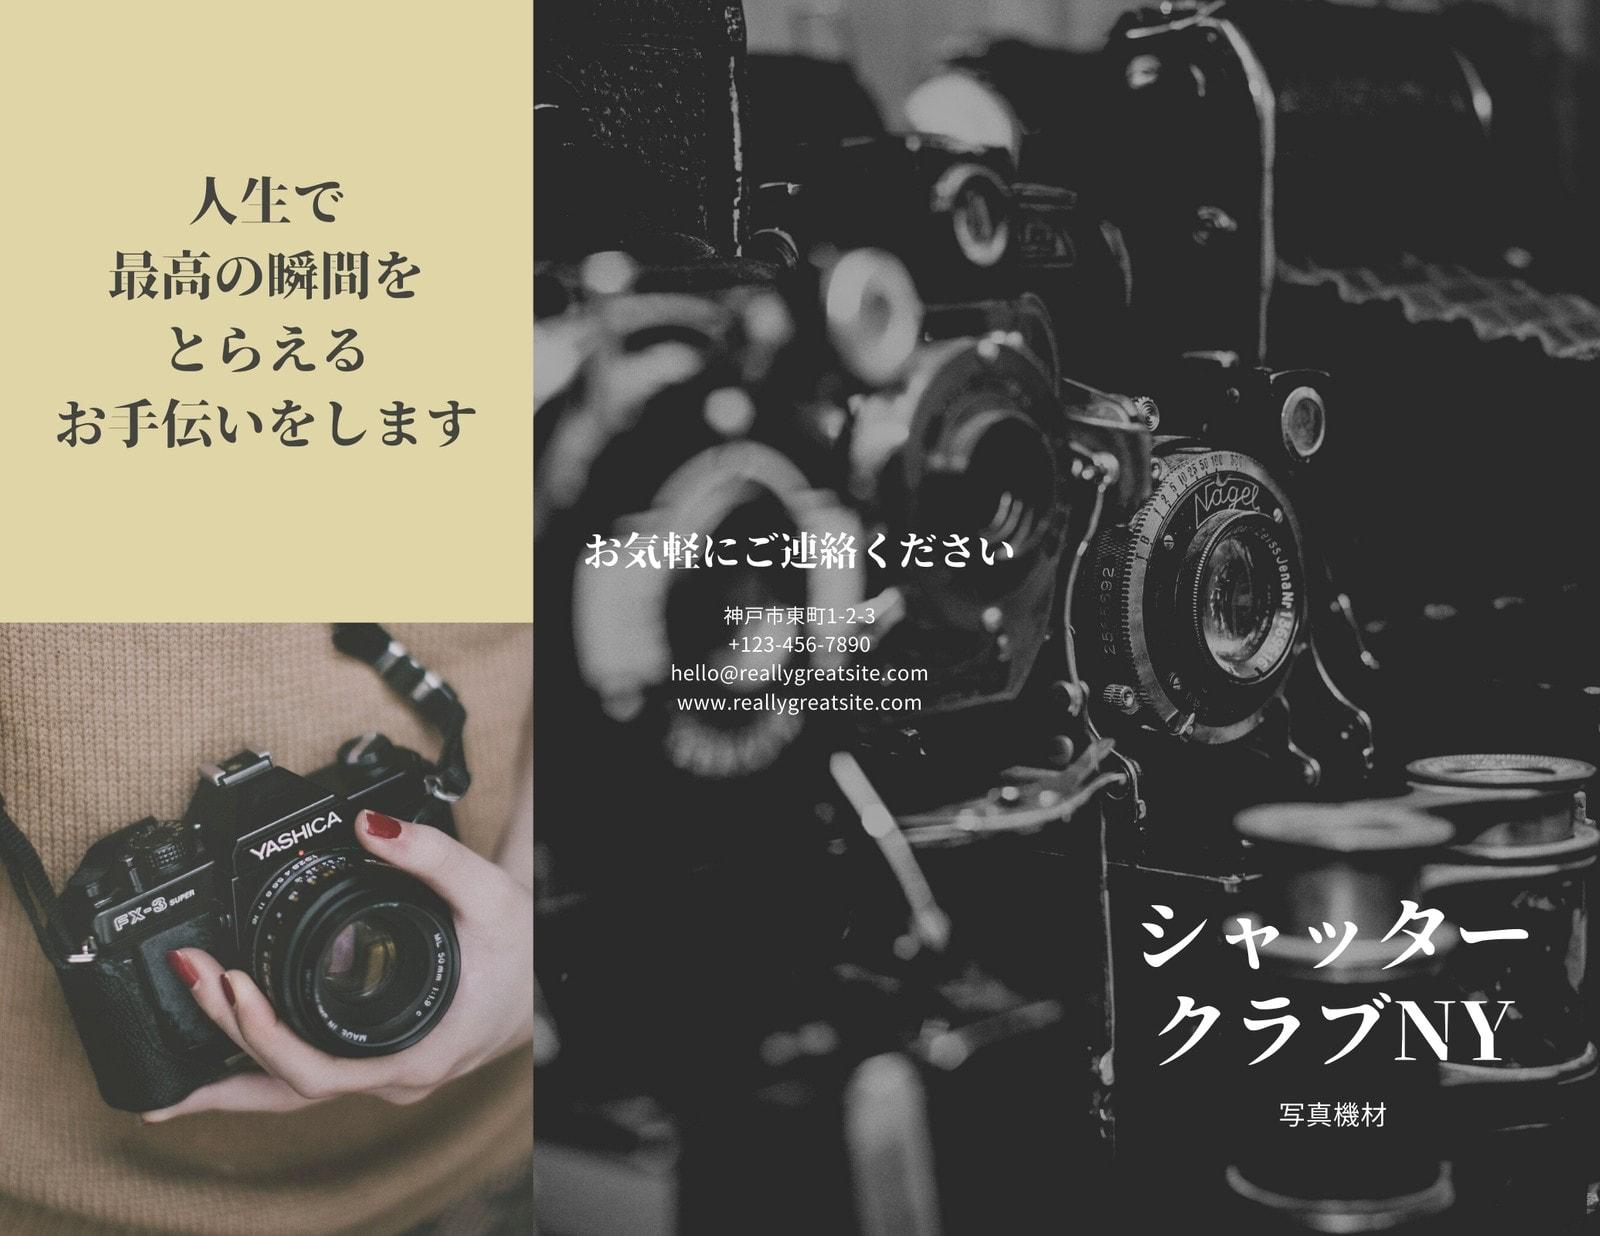 ビンテージ カメラ 写真 製品写真 パンフレット